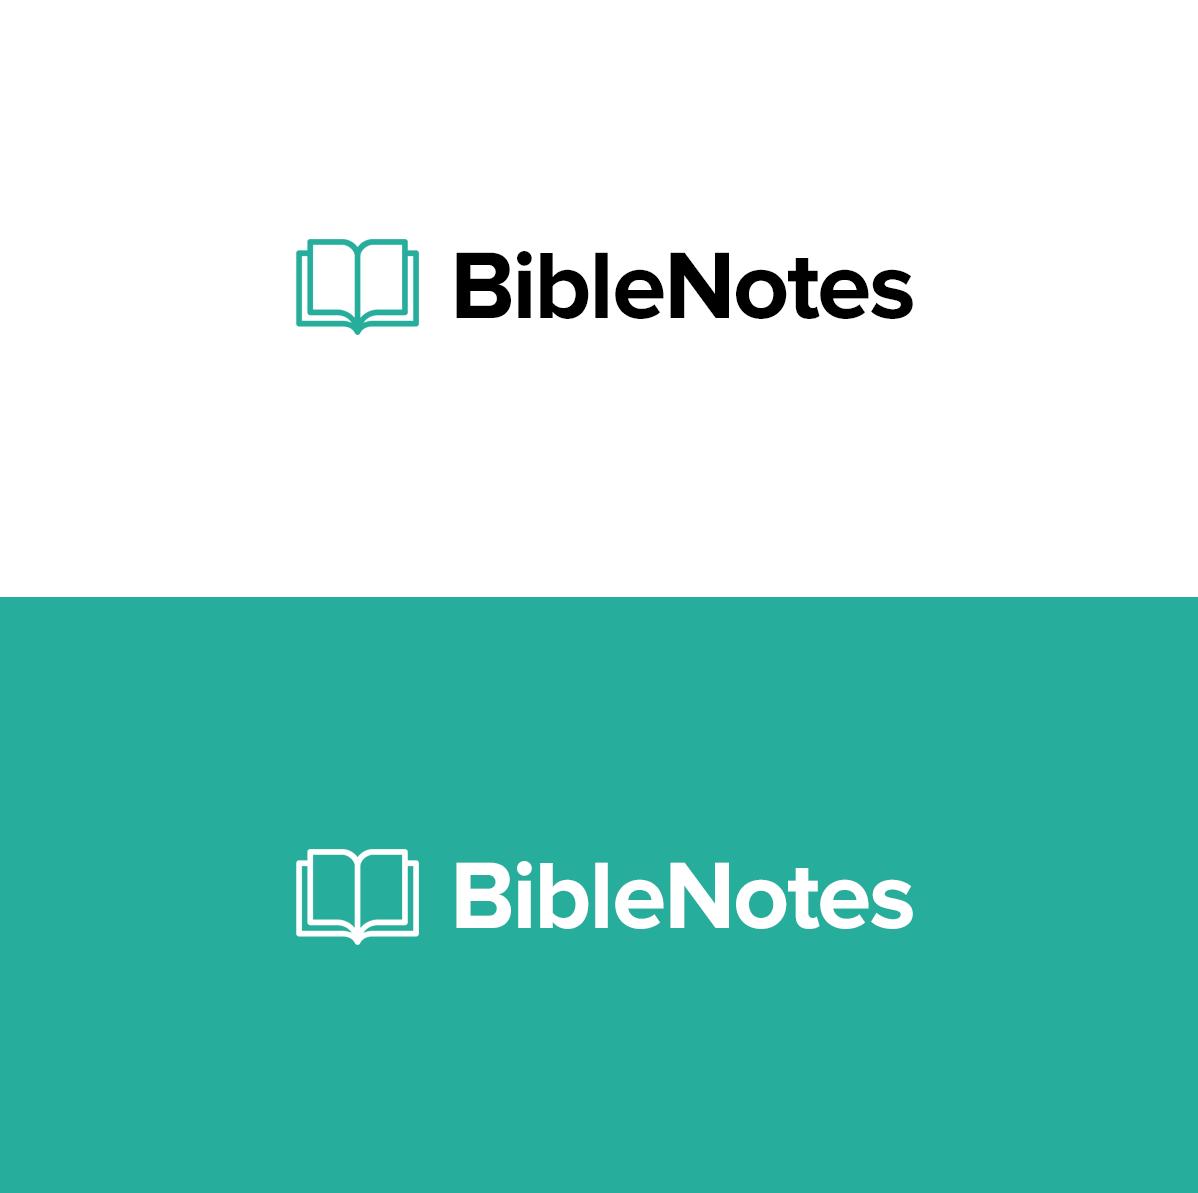 BibleNotes — Logo